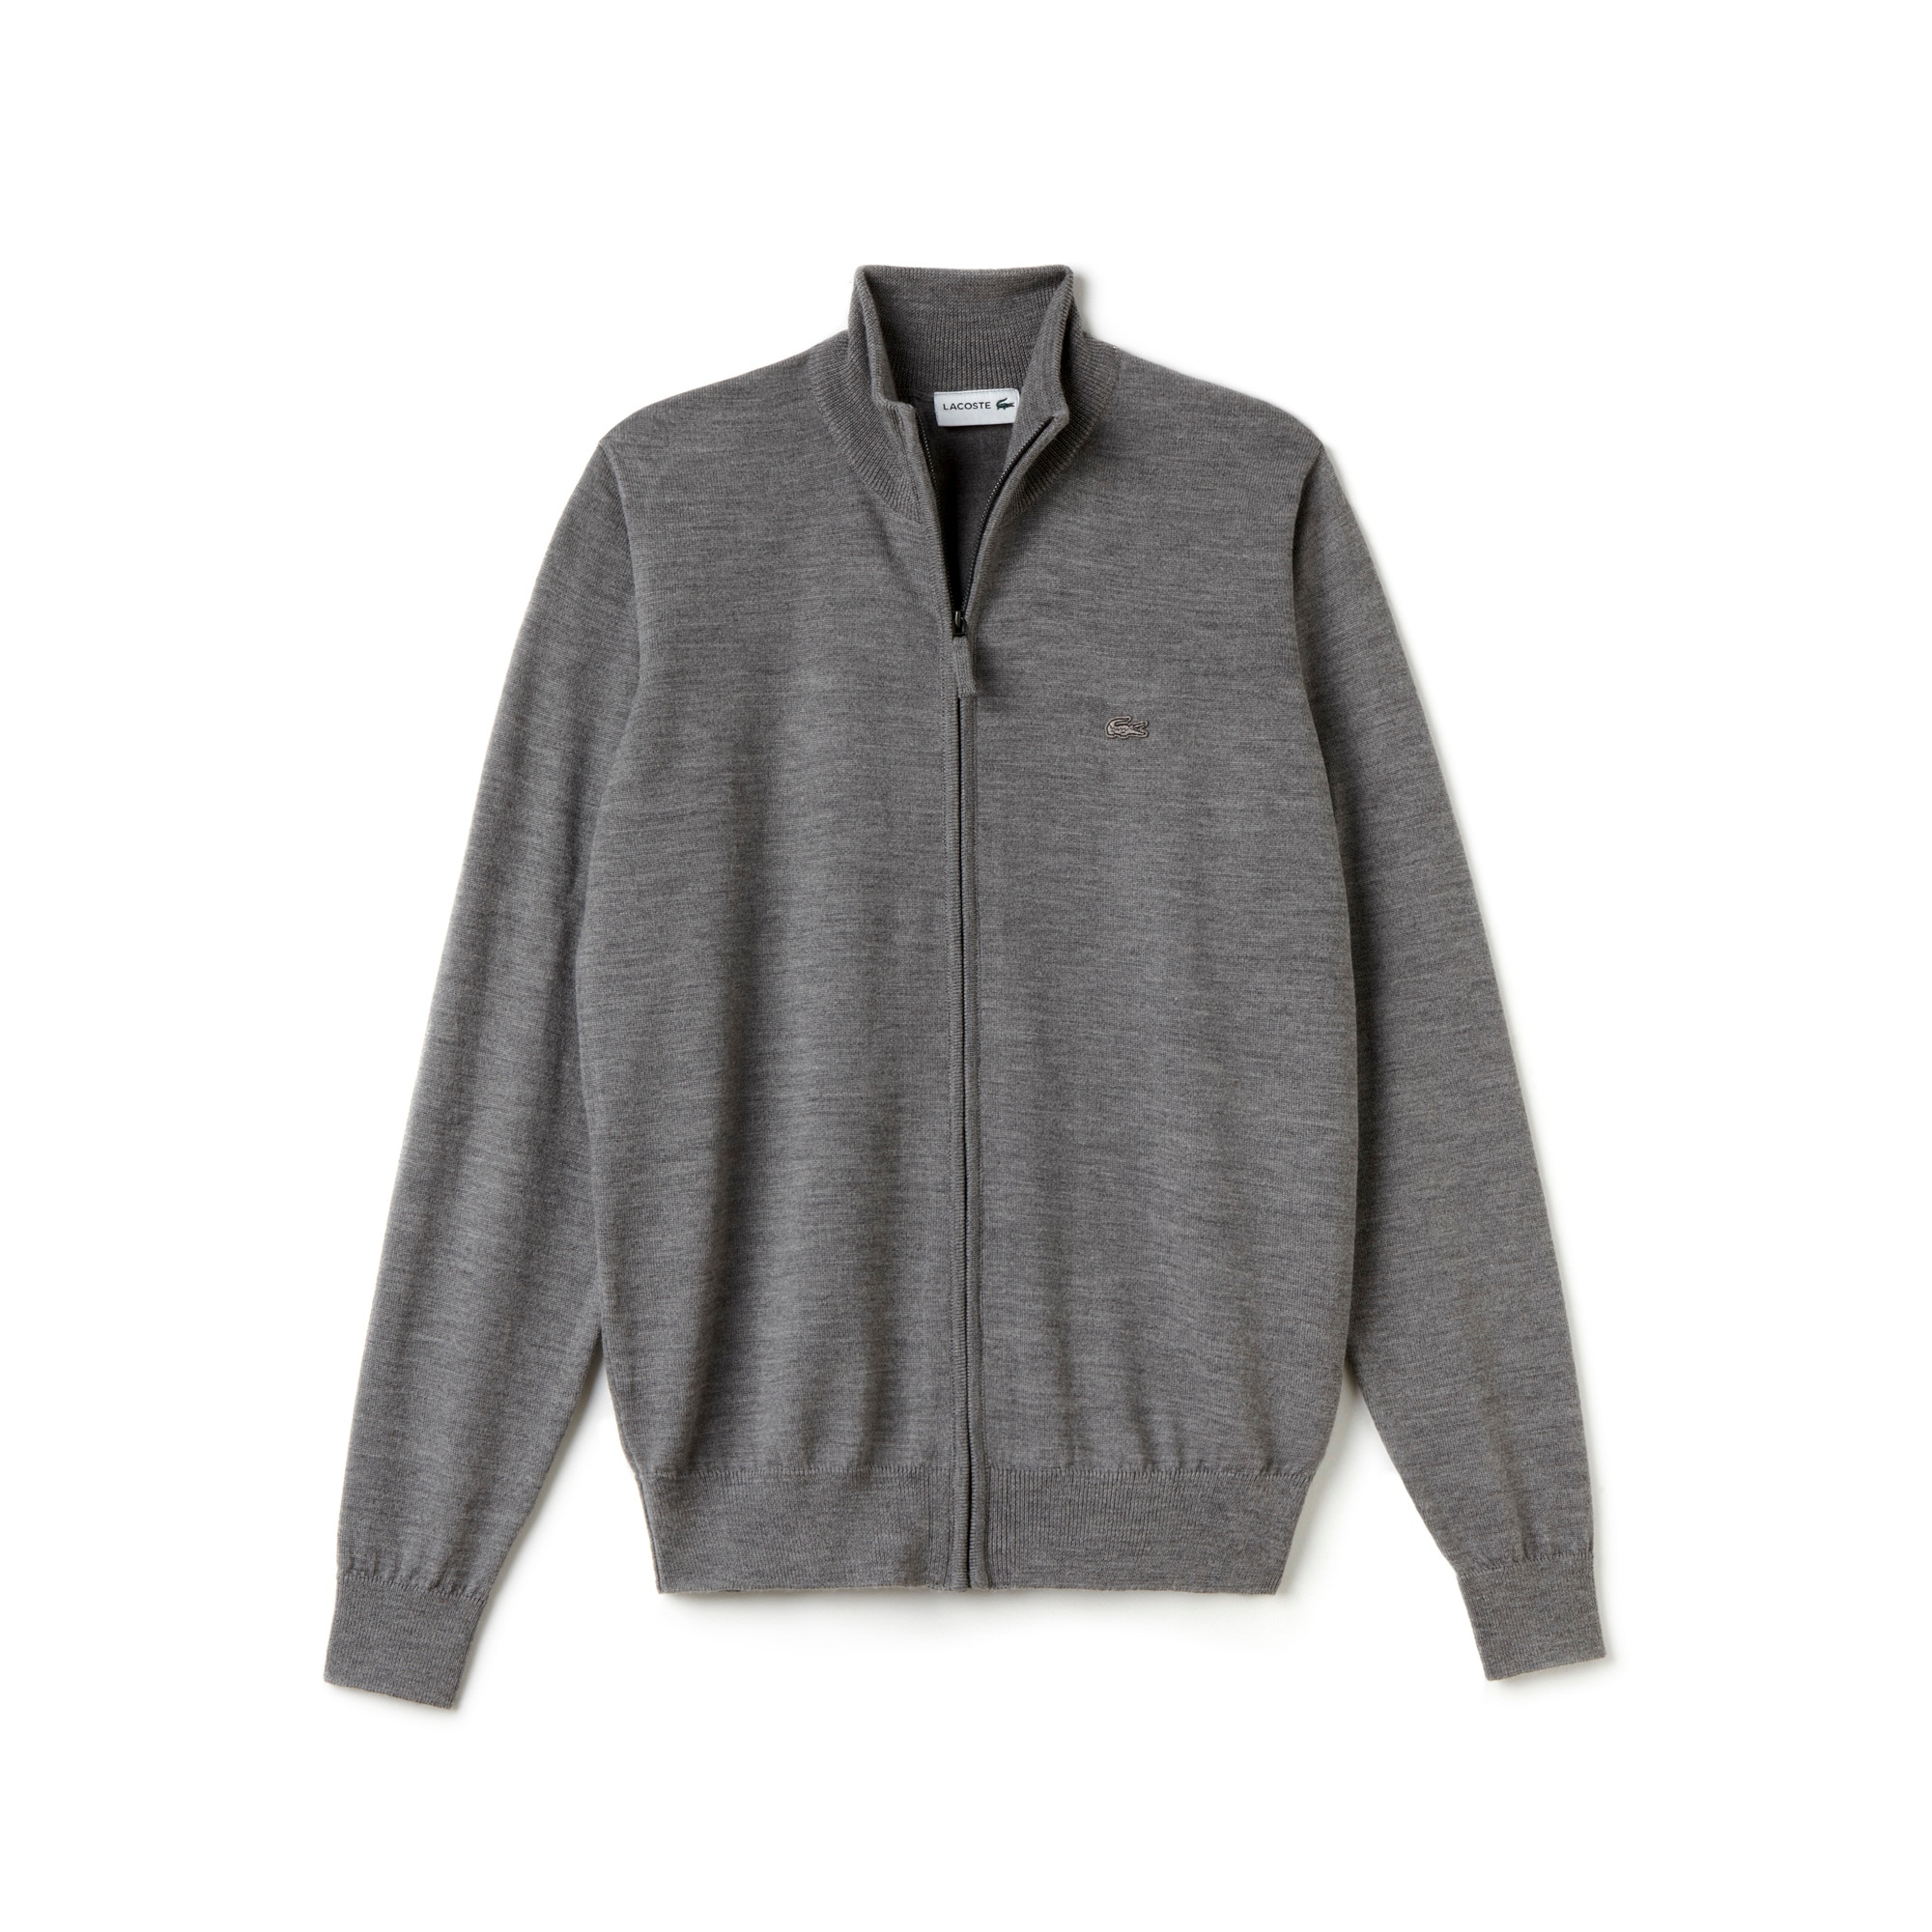 Pullover für Herren   Herrenmode   LACOSTE 1644f82590